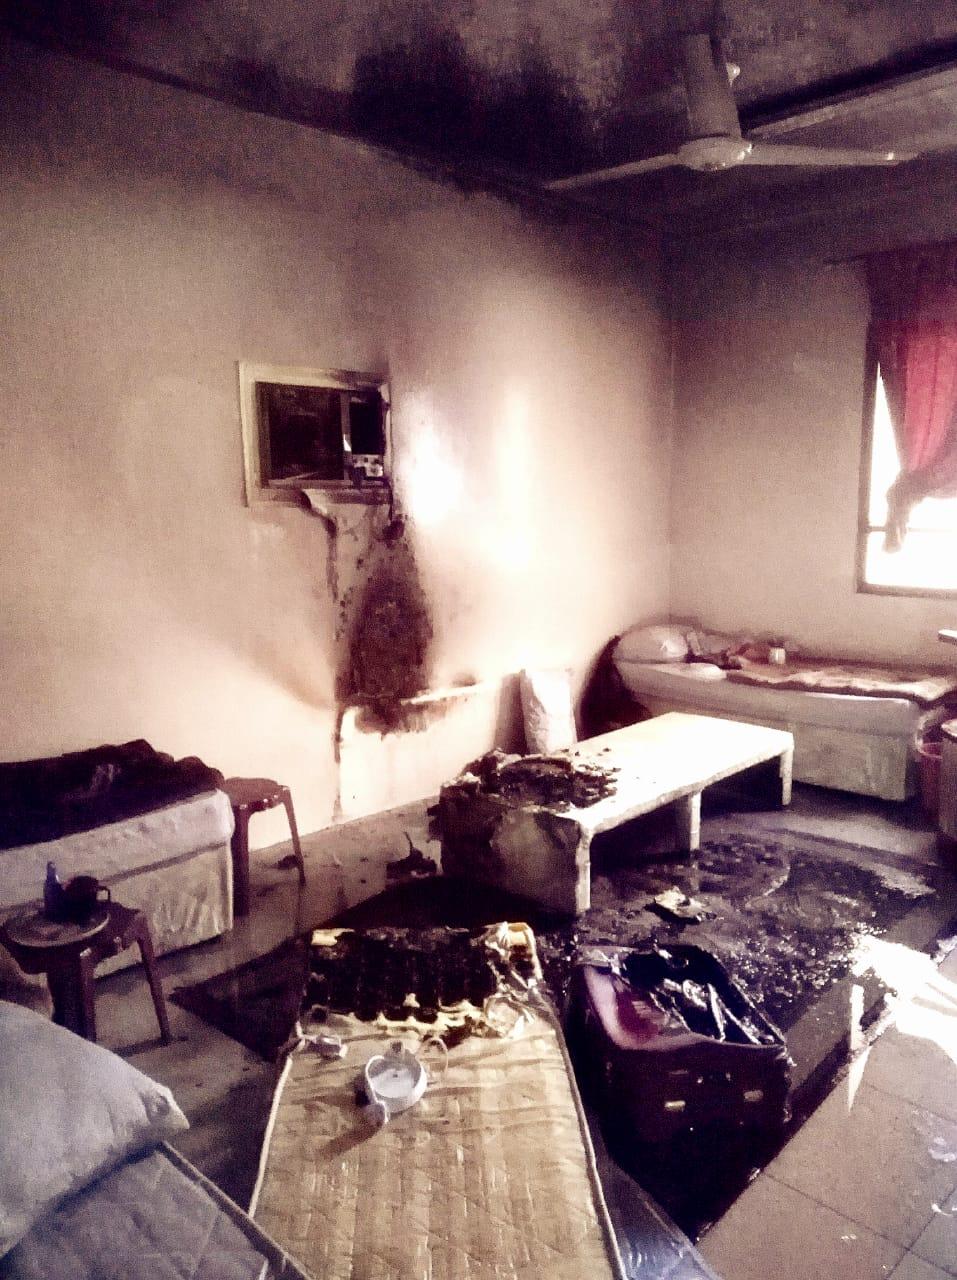 مدني المدينة يباشر حريقا في أحد الفنادق